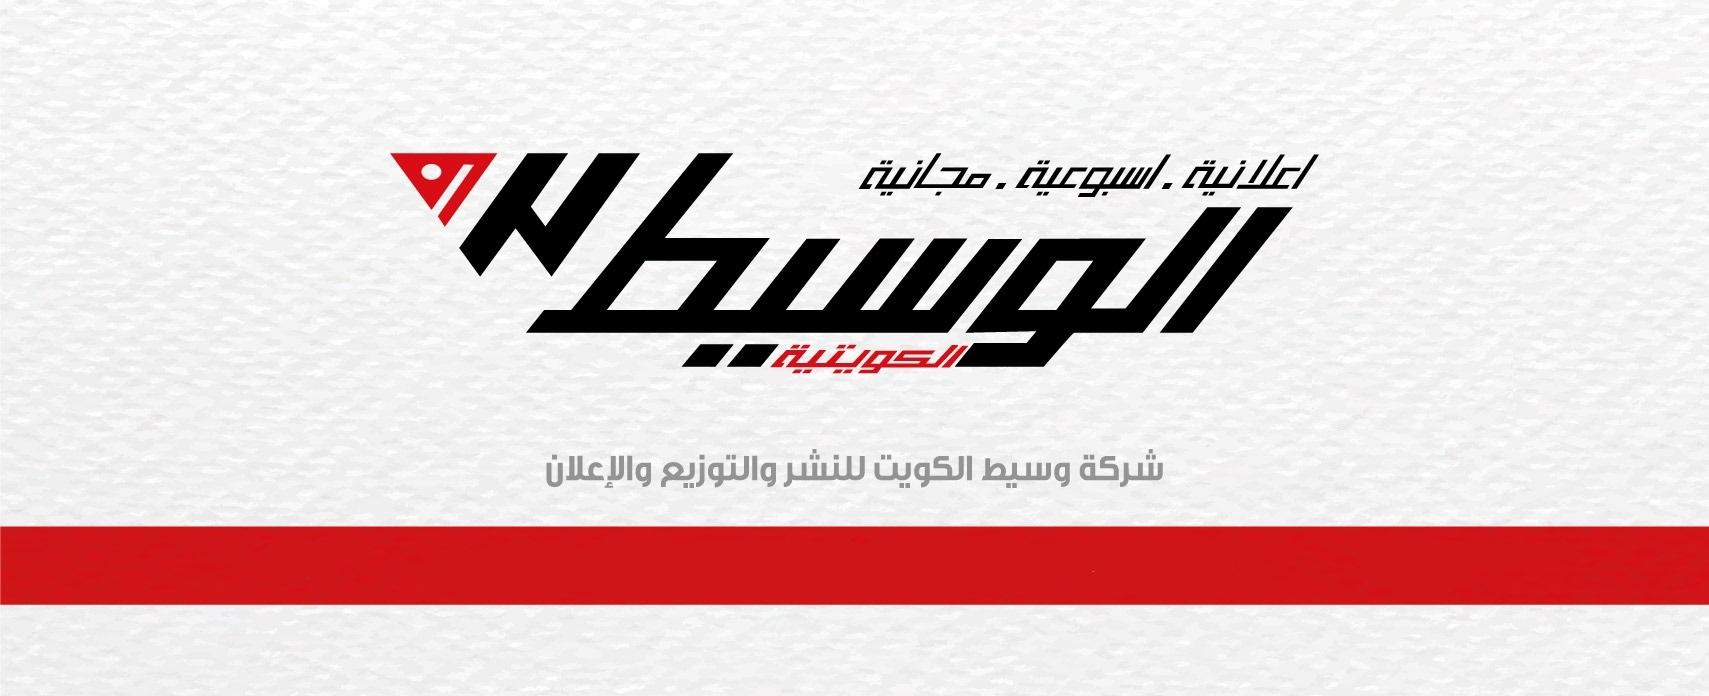 وظائف جريدة الوسيط الكويتية الأربعاء 2/6/2020 waseet Newspaper jobs in kuwait